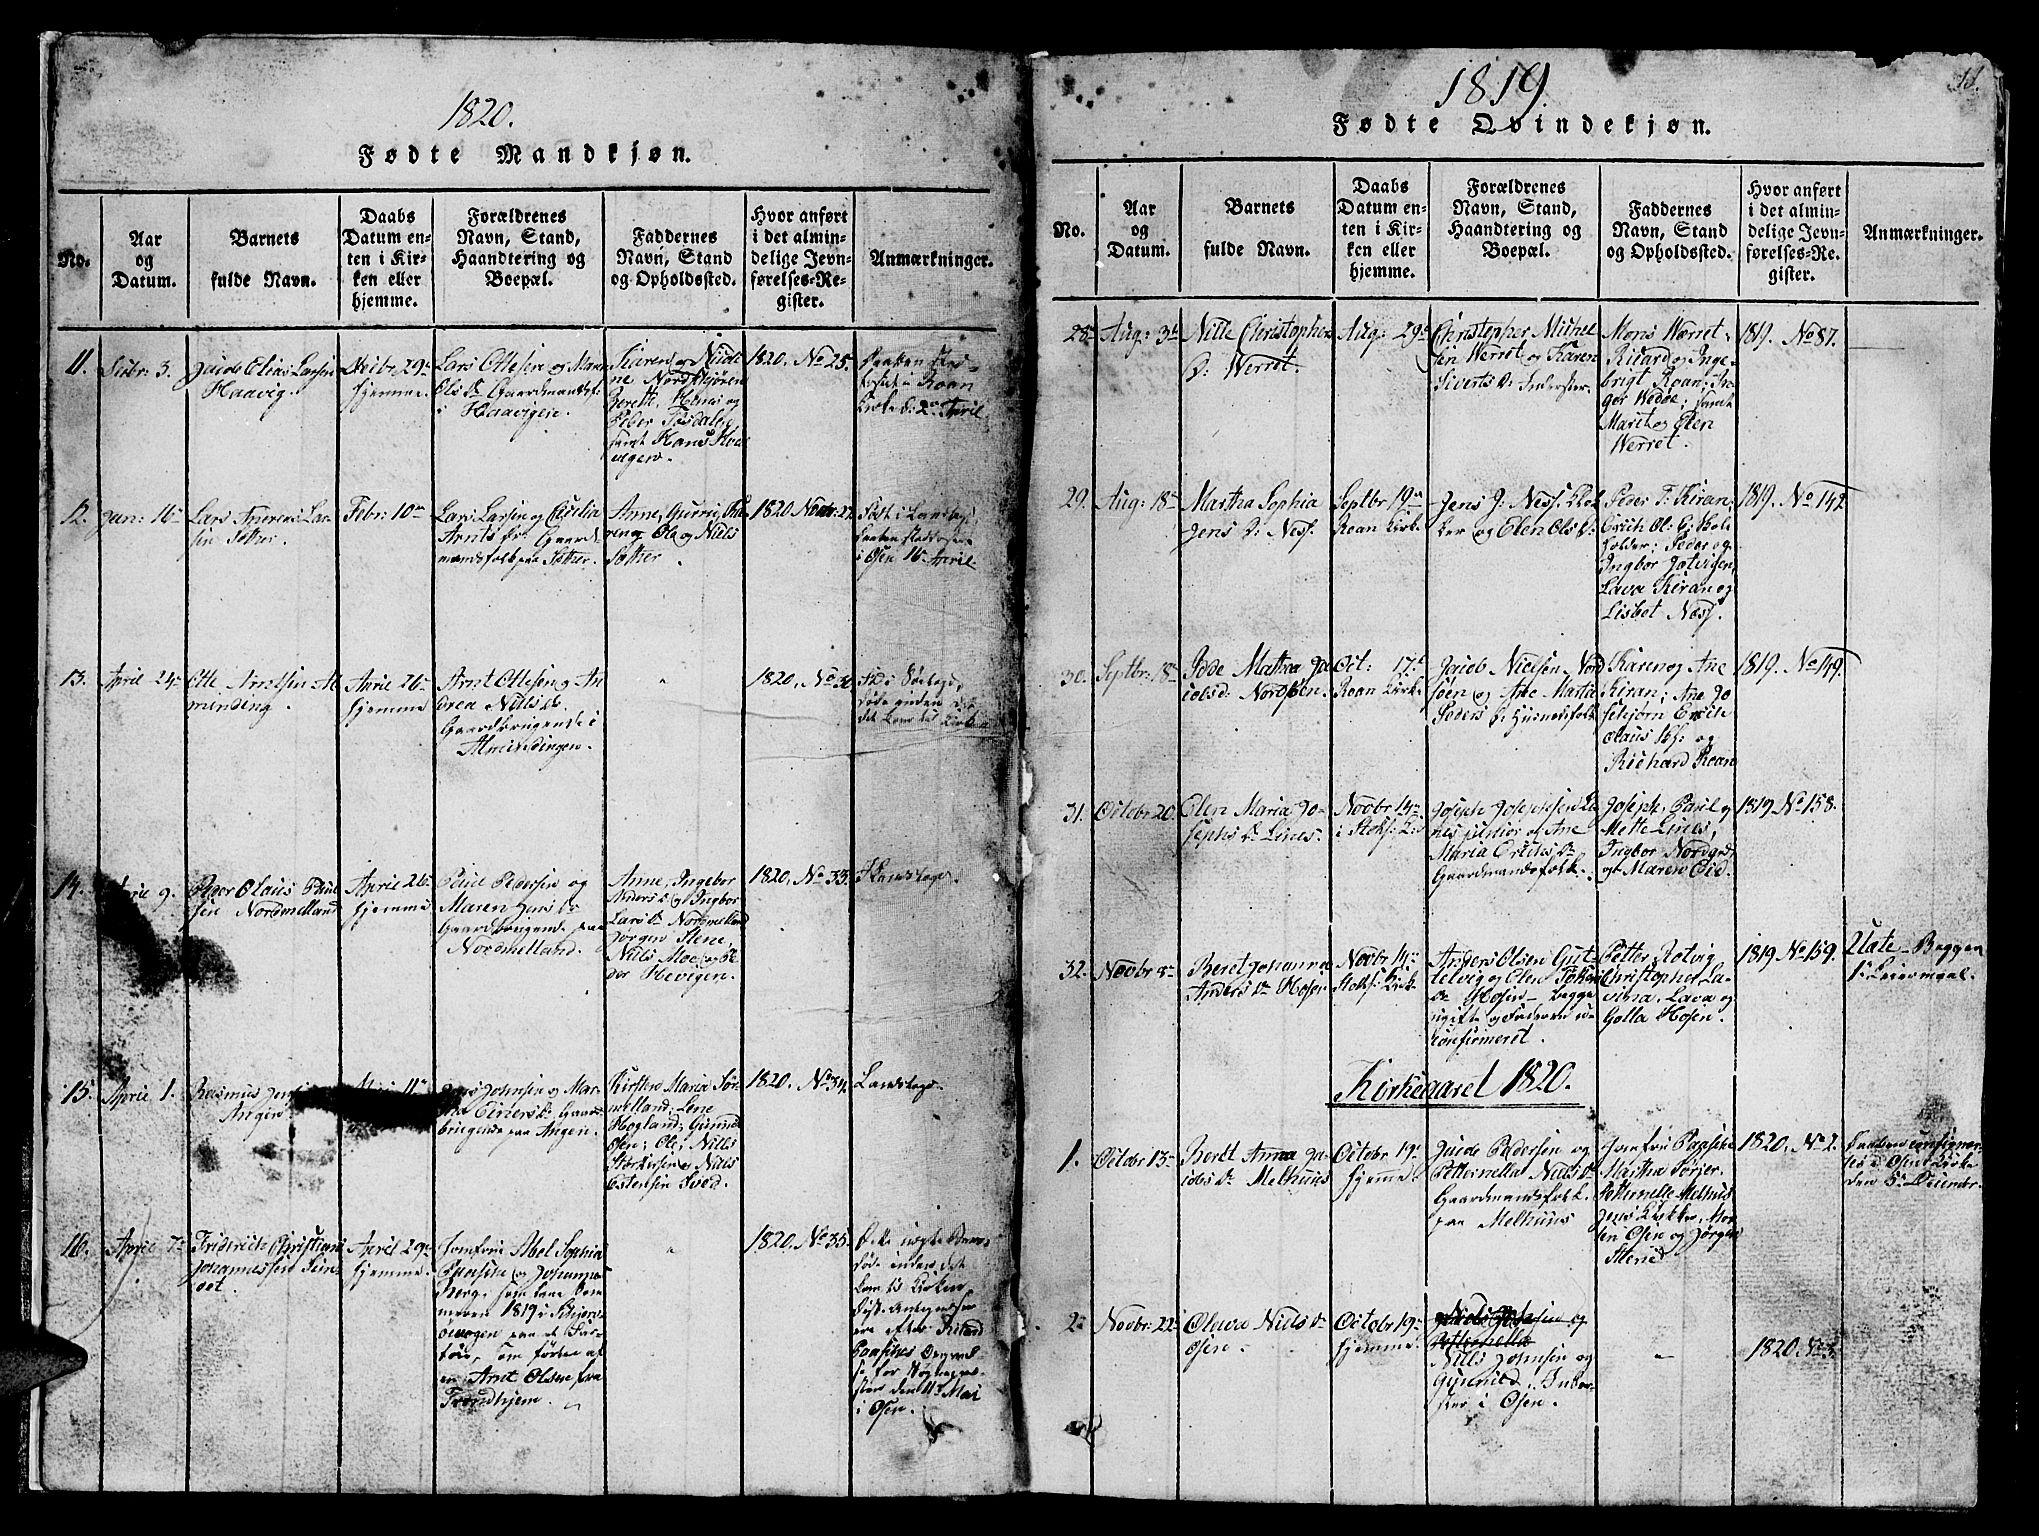 SAT, Ministerialprotokoller, klokkerbøker og fødselsregistre - Sør-Trøndelag, 657/L0714: Klokkerbok nr. 657C01, 1818-1868, s. 11